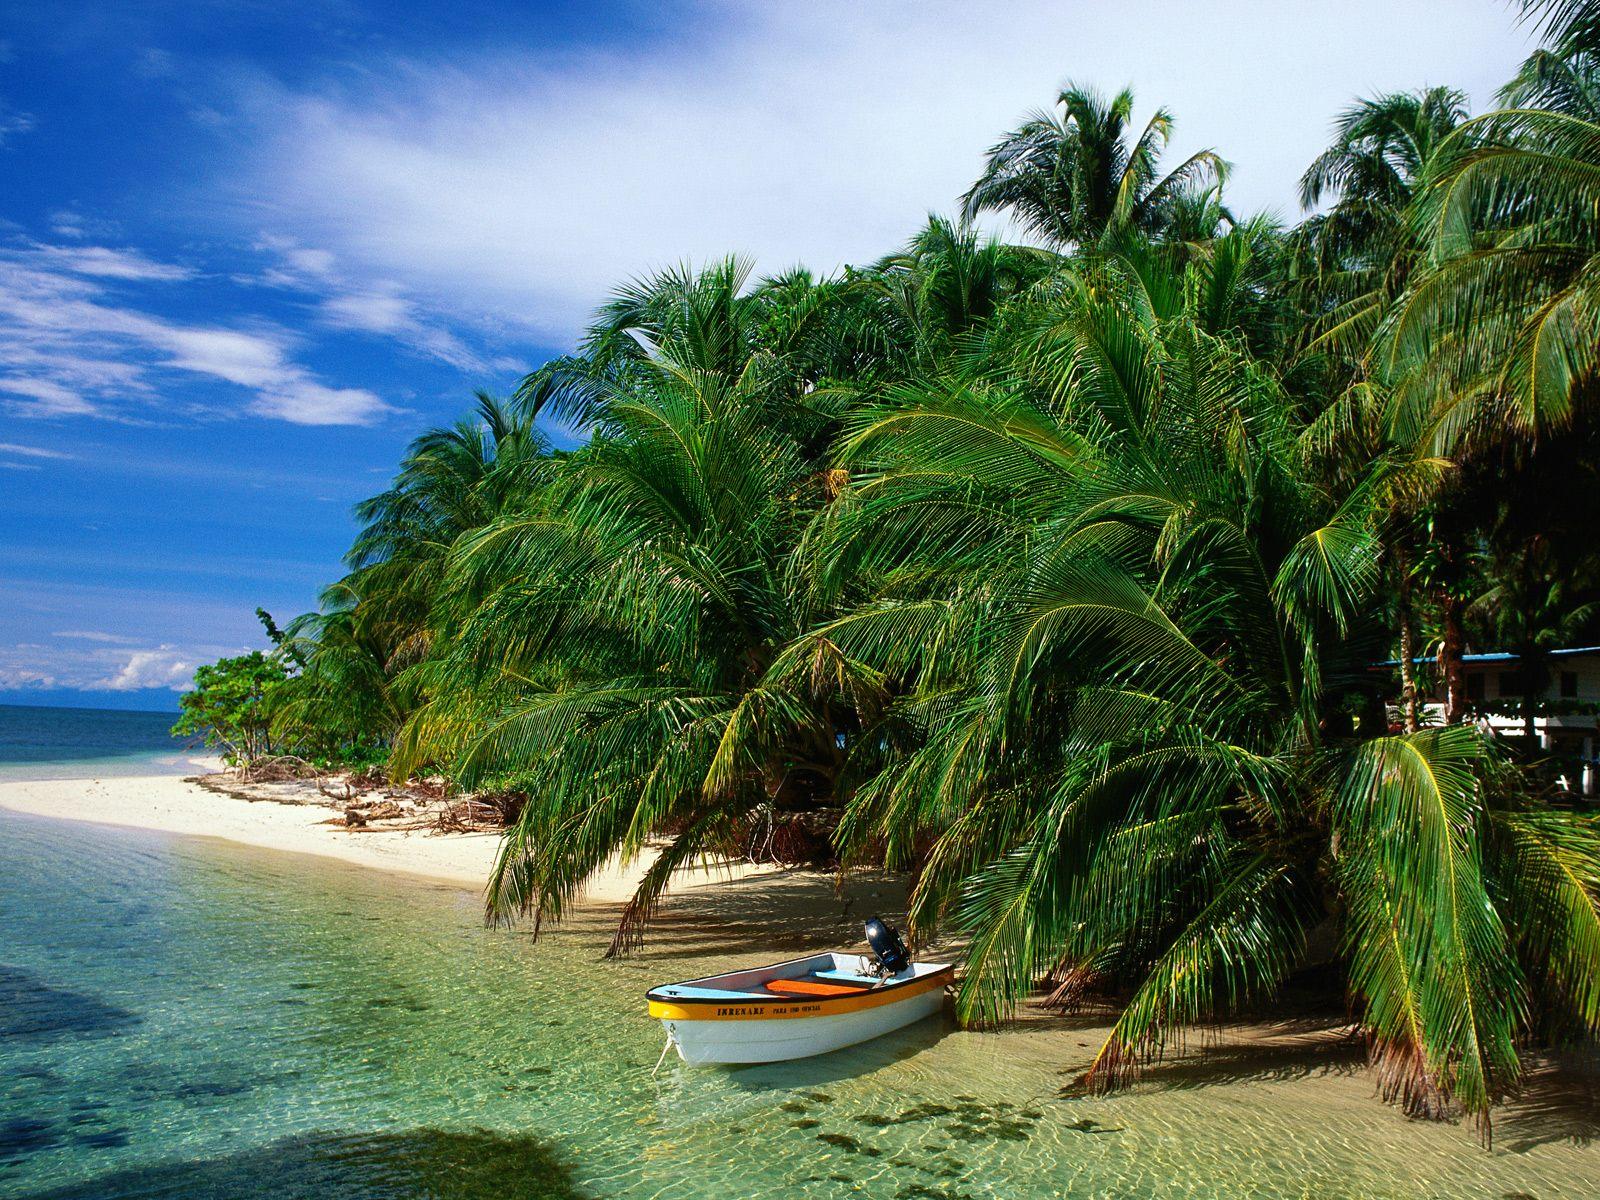 Cays_Zapatillas_Bocas_del_Toro_Panama.jp